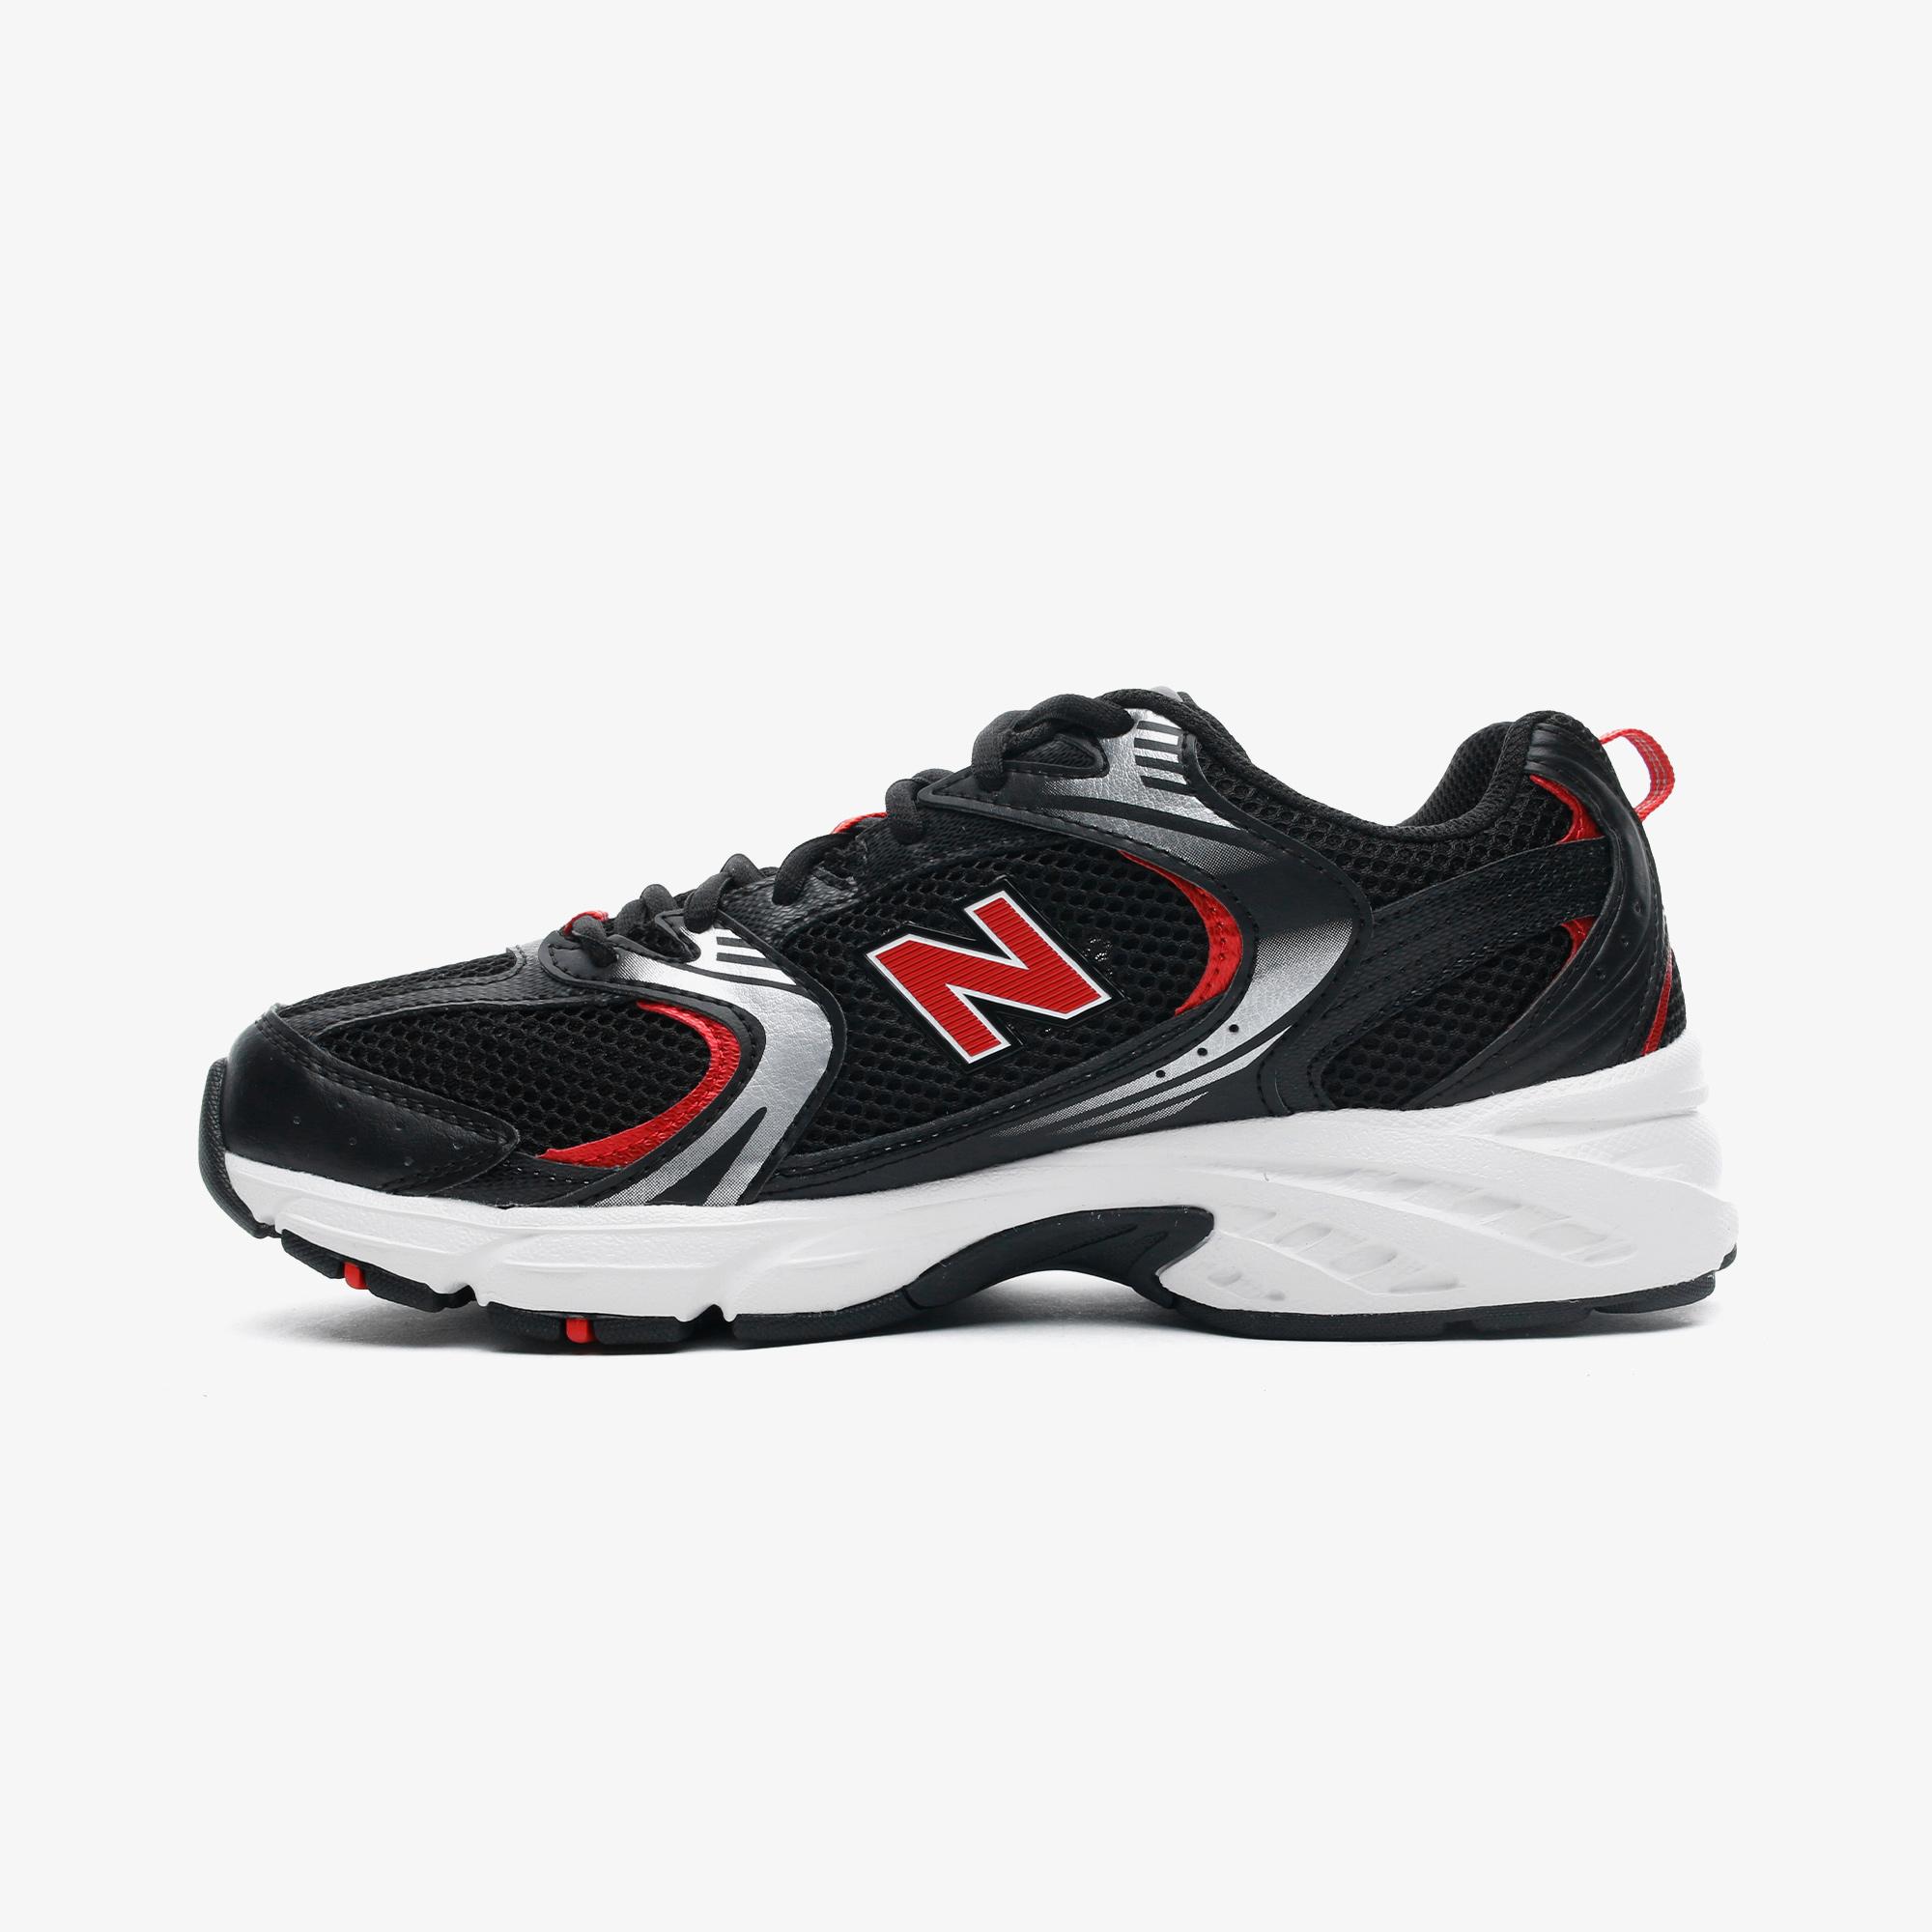 New Balance 530 Erkek Siyah Spor Ayakkabı